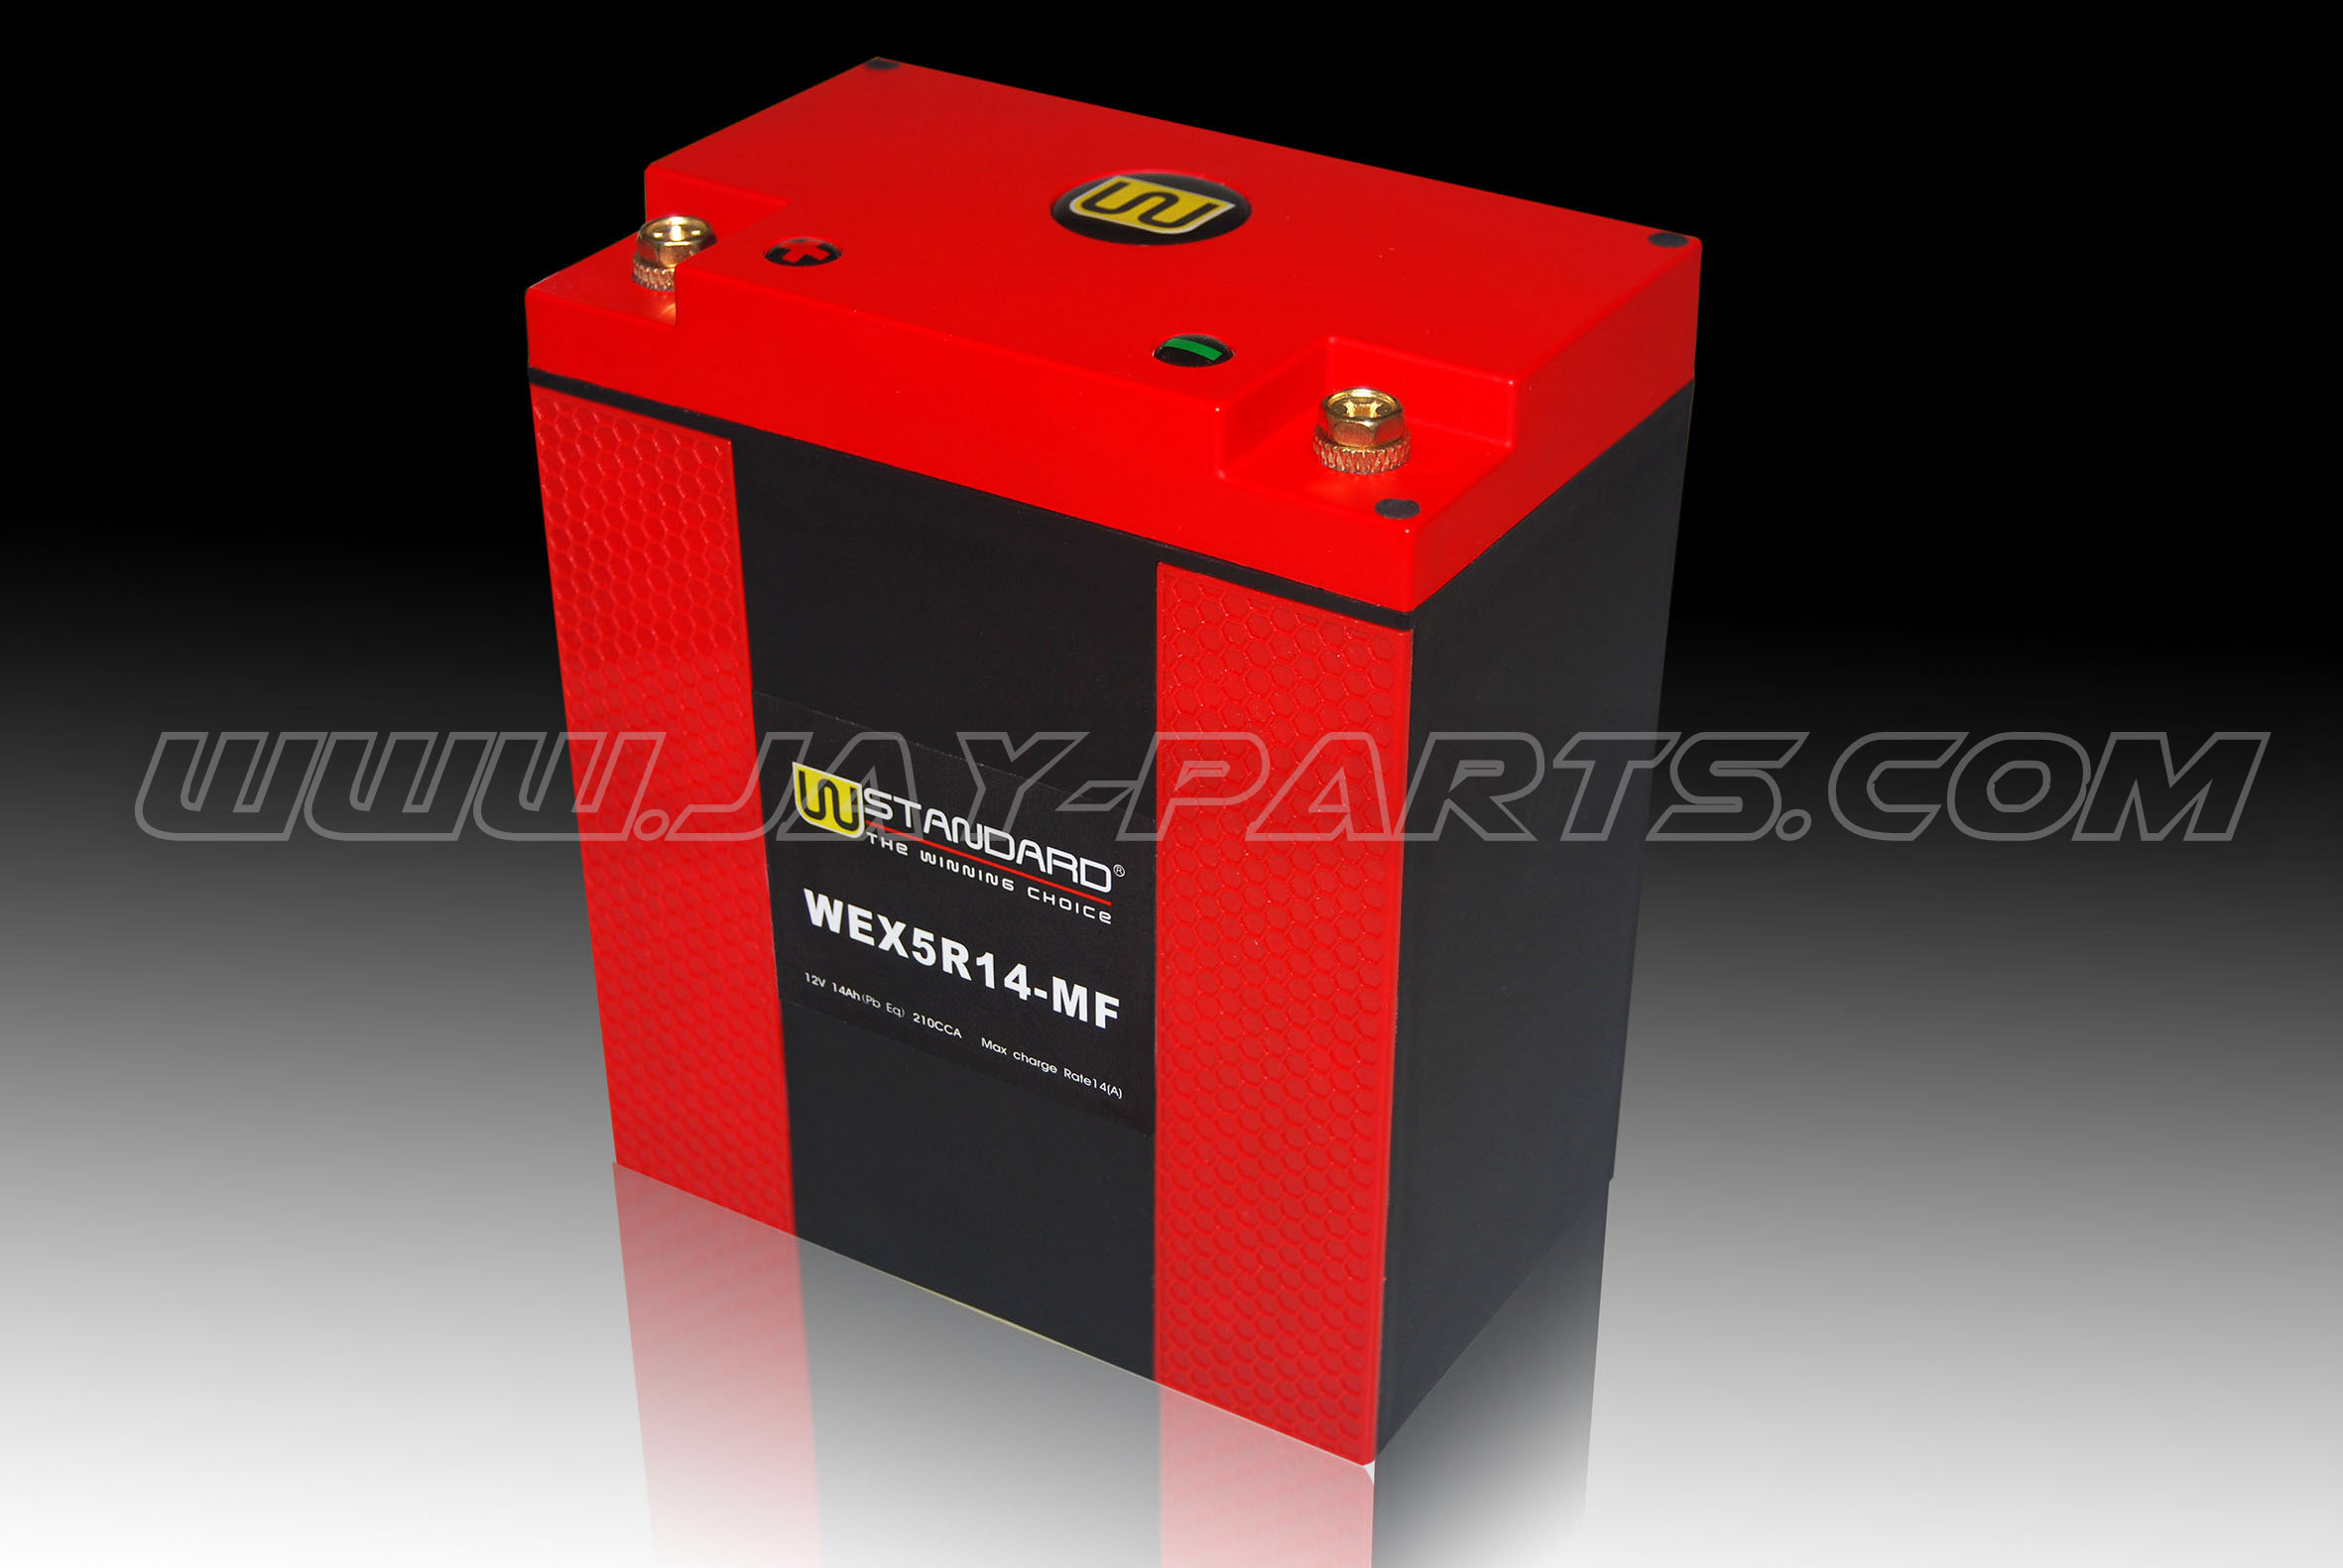 W-Standard Lithium Batterie WEX5R14-MF